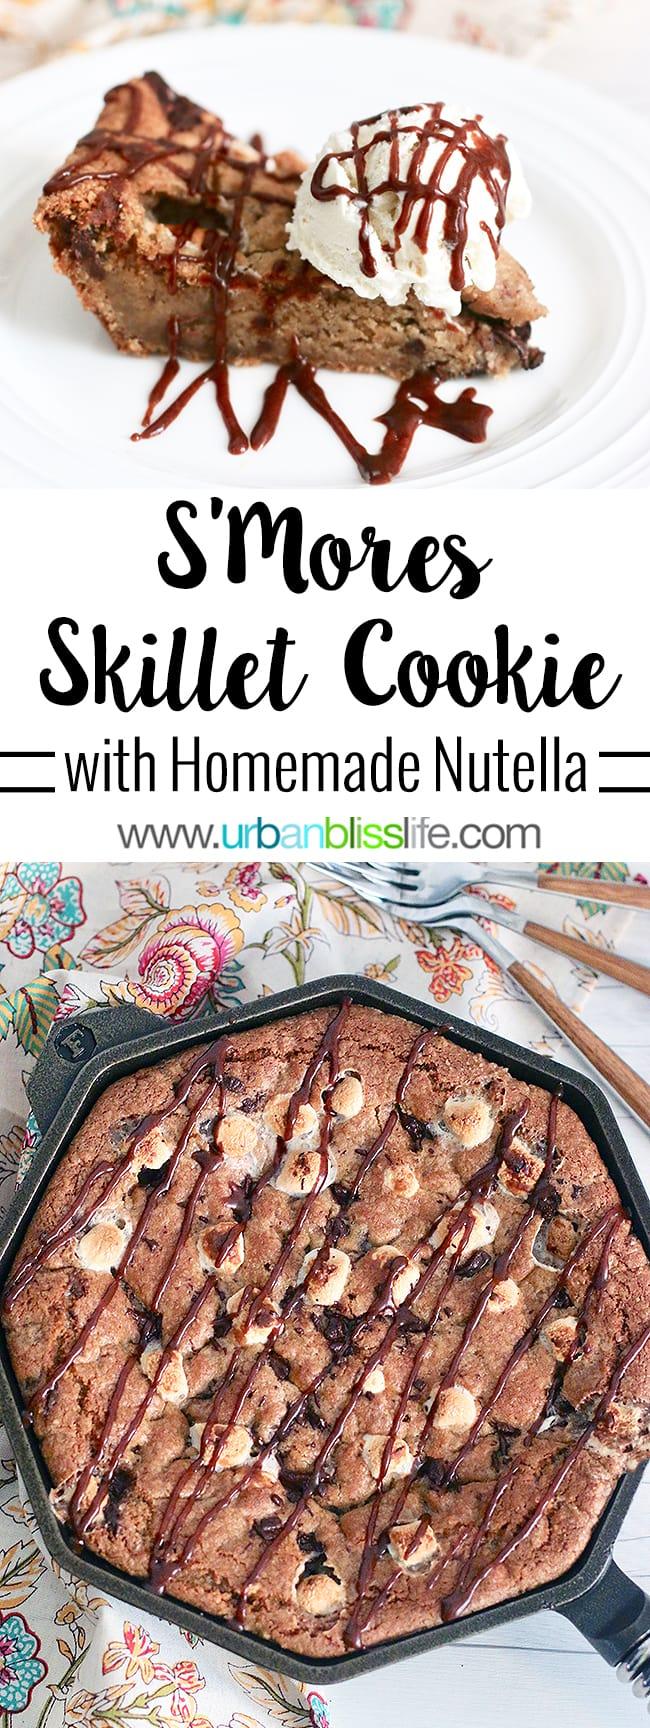 S'mores Pie recipe on UrbanBlissLife.com